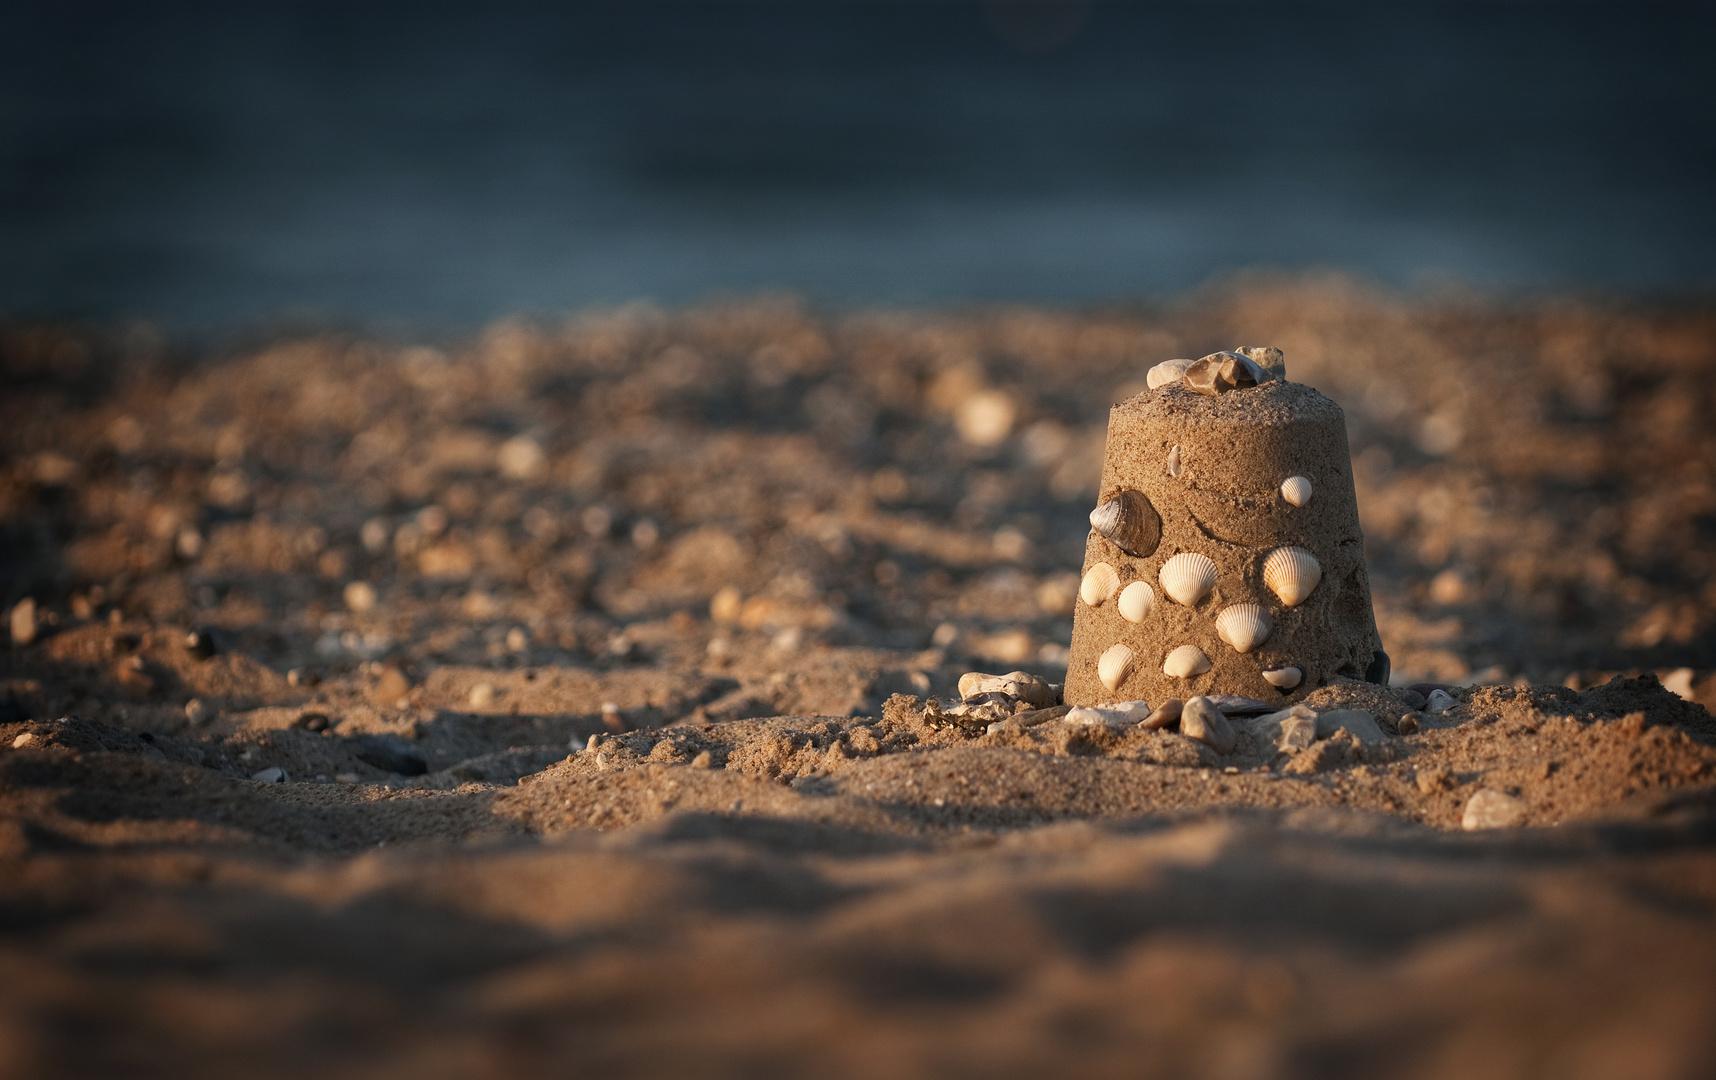 sandkuchen